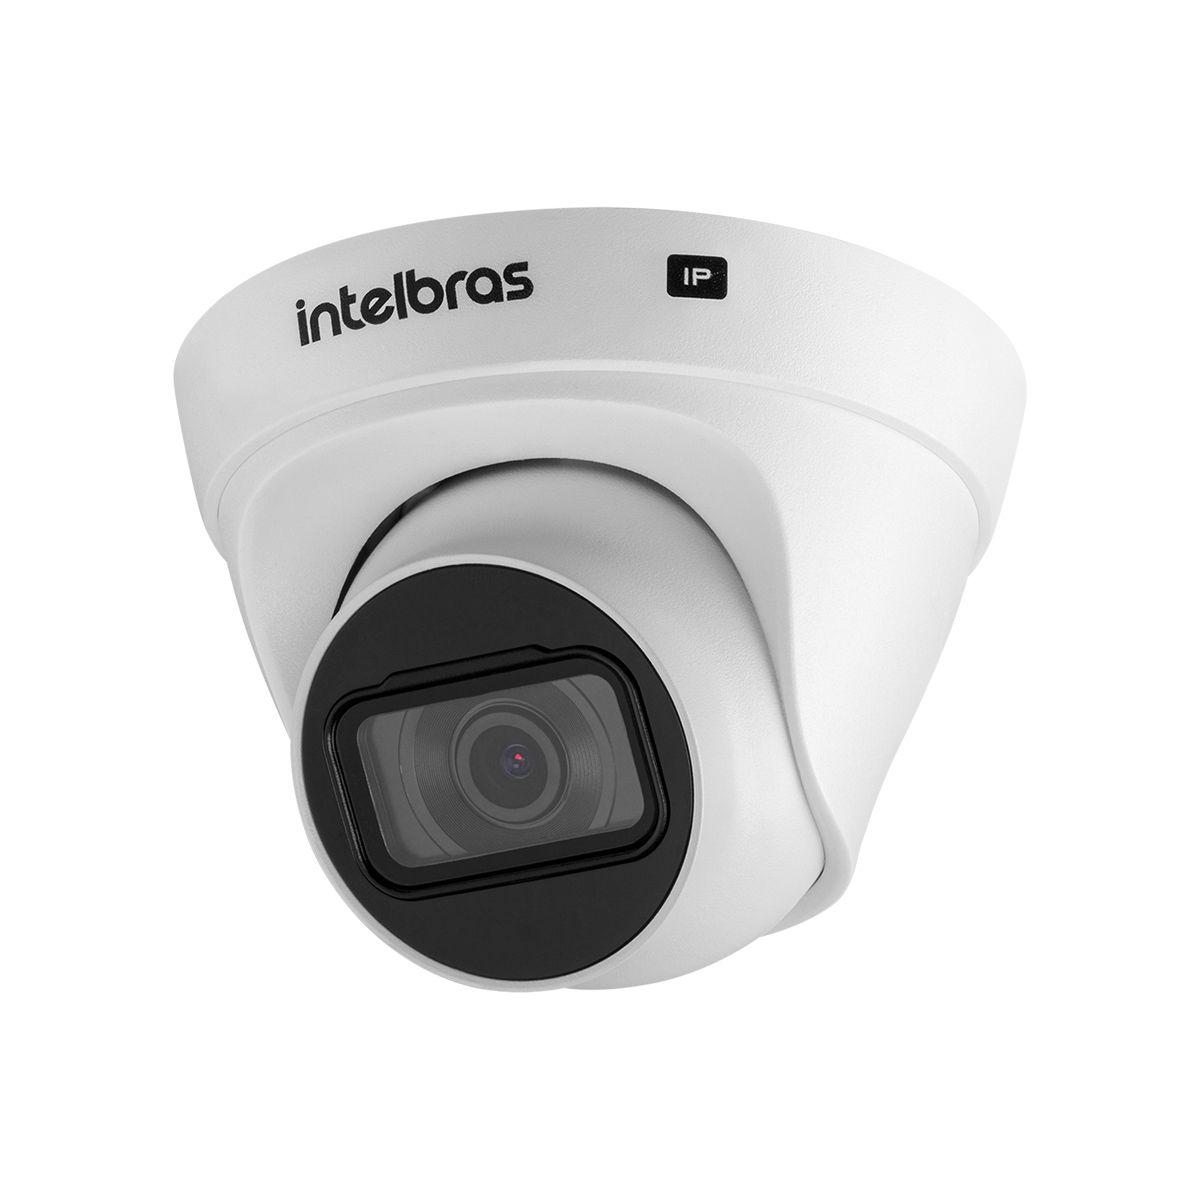 Câmera dome infra IP 1 Megapixel BLC,WDR,HLC, IP 67 20mts 2.8mm 112º 720p H.265 PoE intelbras VIP 1020 D G2 - JS Soluções em Segurança